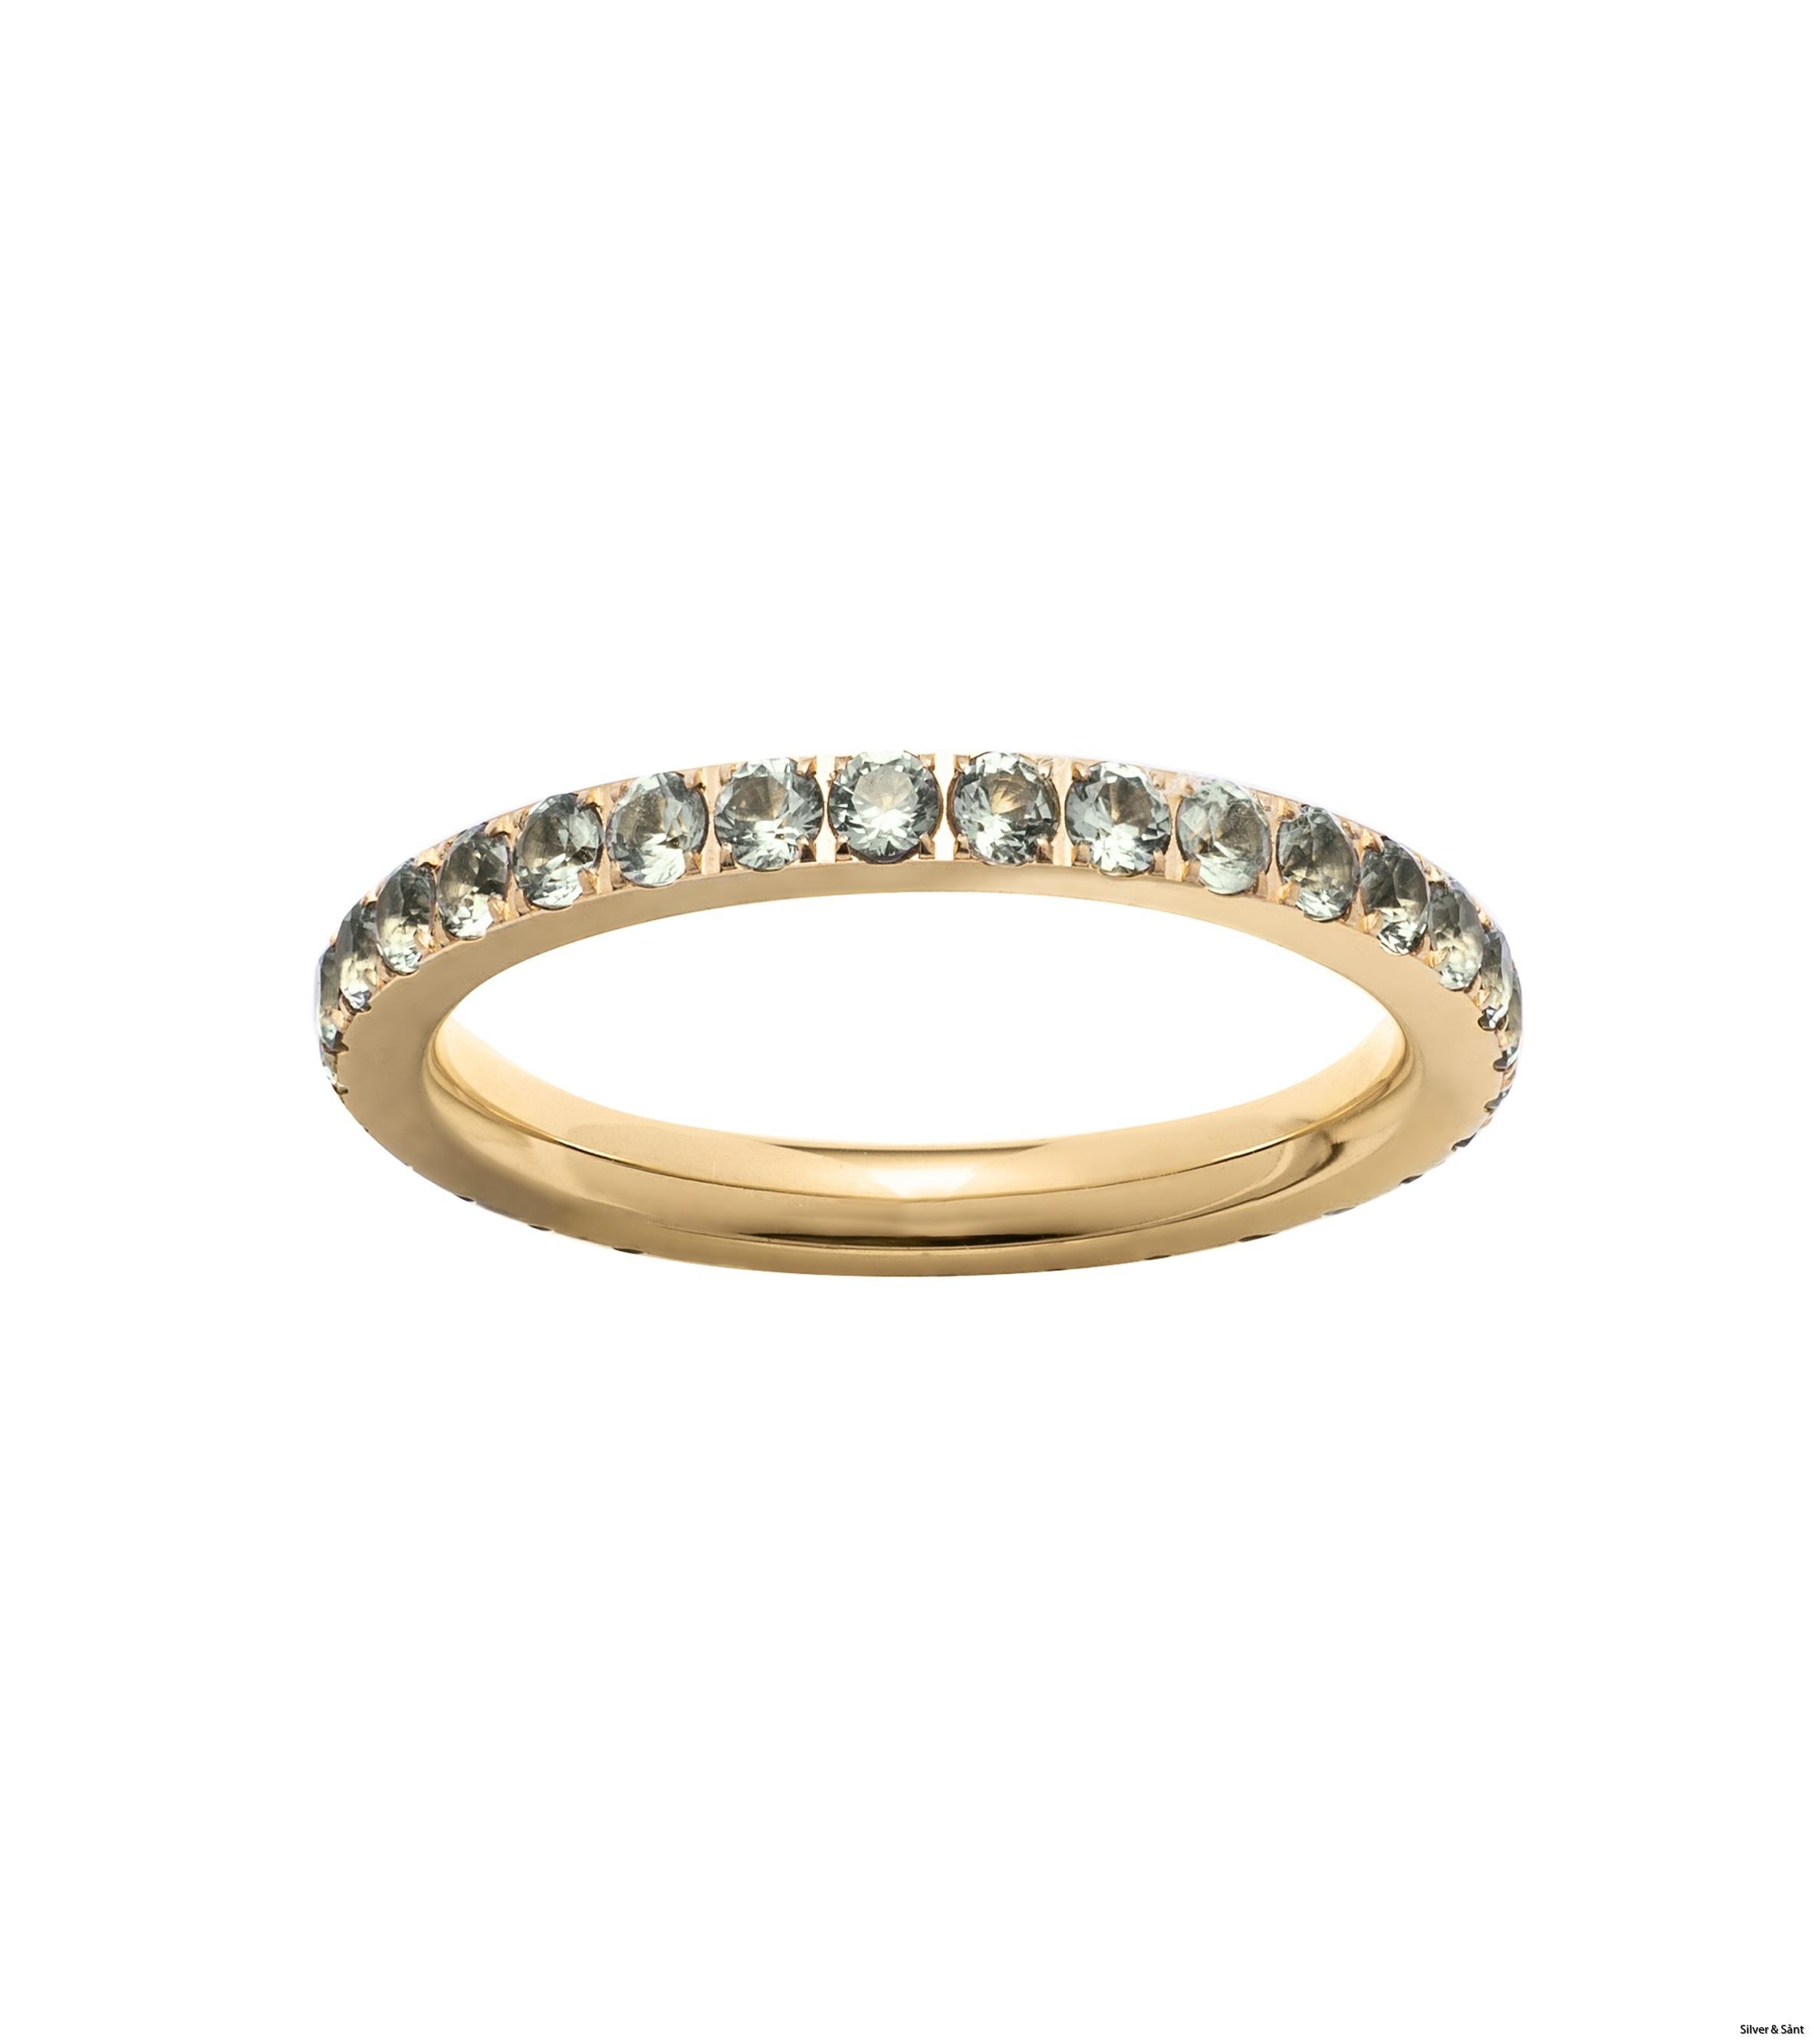 Edblad-Glow-Ring-Olive-PI